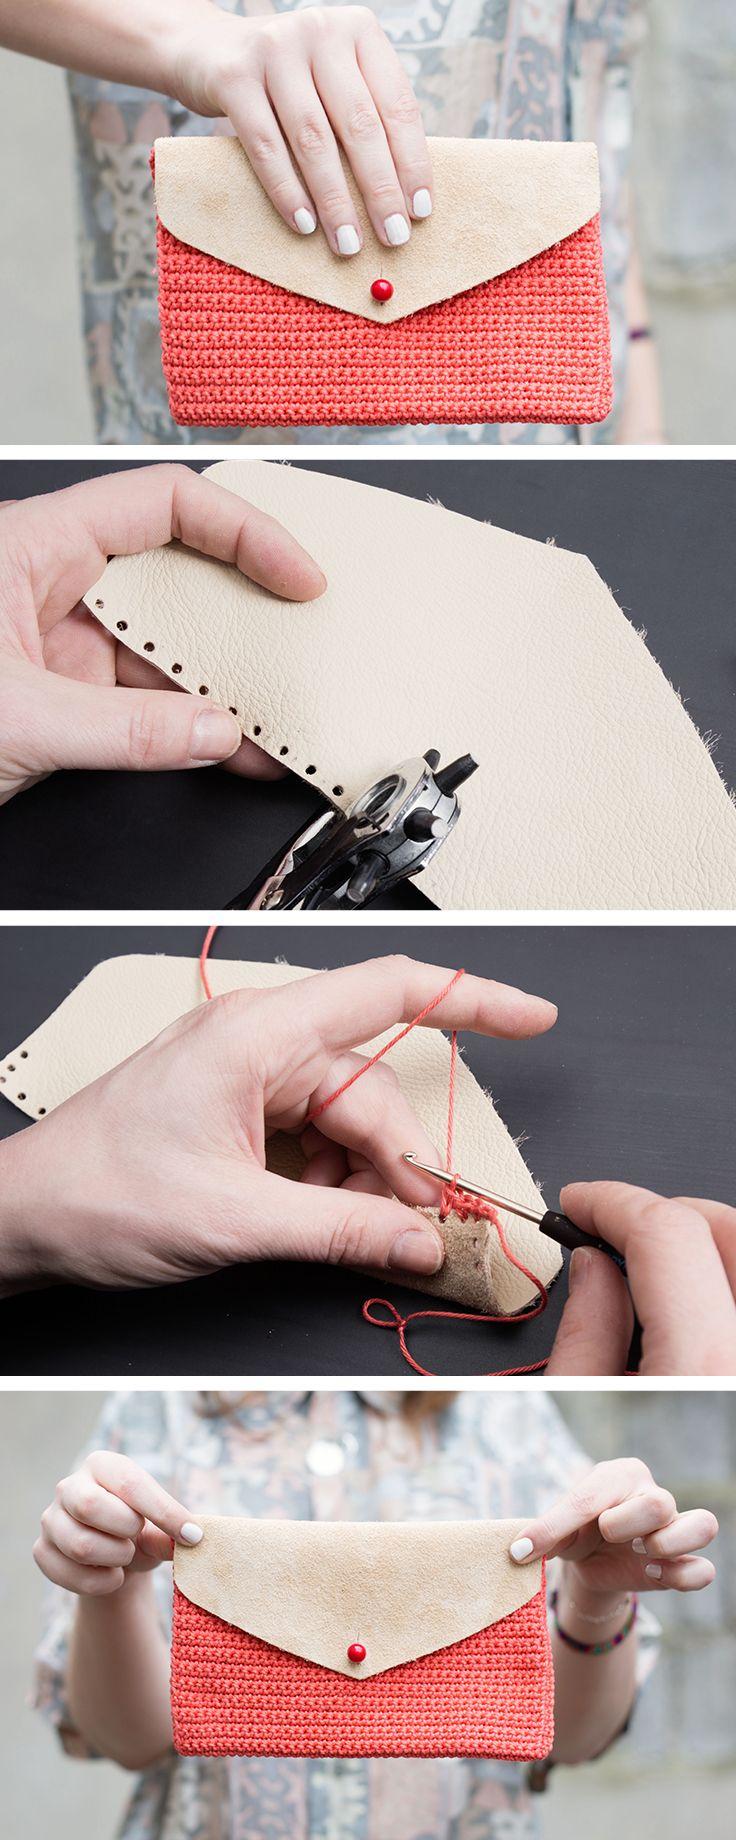 #manualidades #punto #costura Cómo hacer un bolso clutch de ganchillo y cuero #ganchillo #hechoamano #handmade #DaWanda